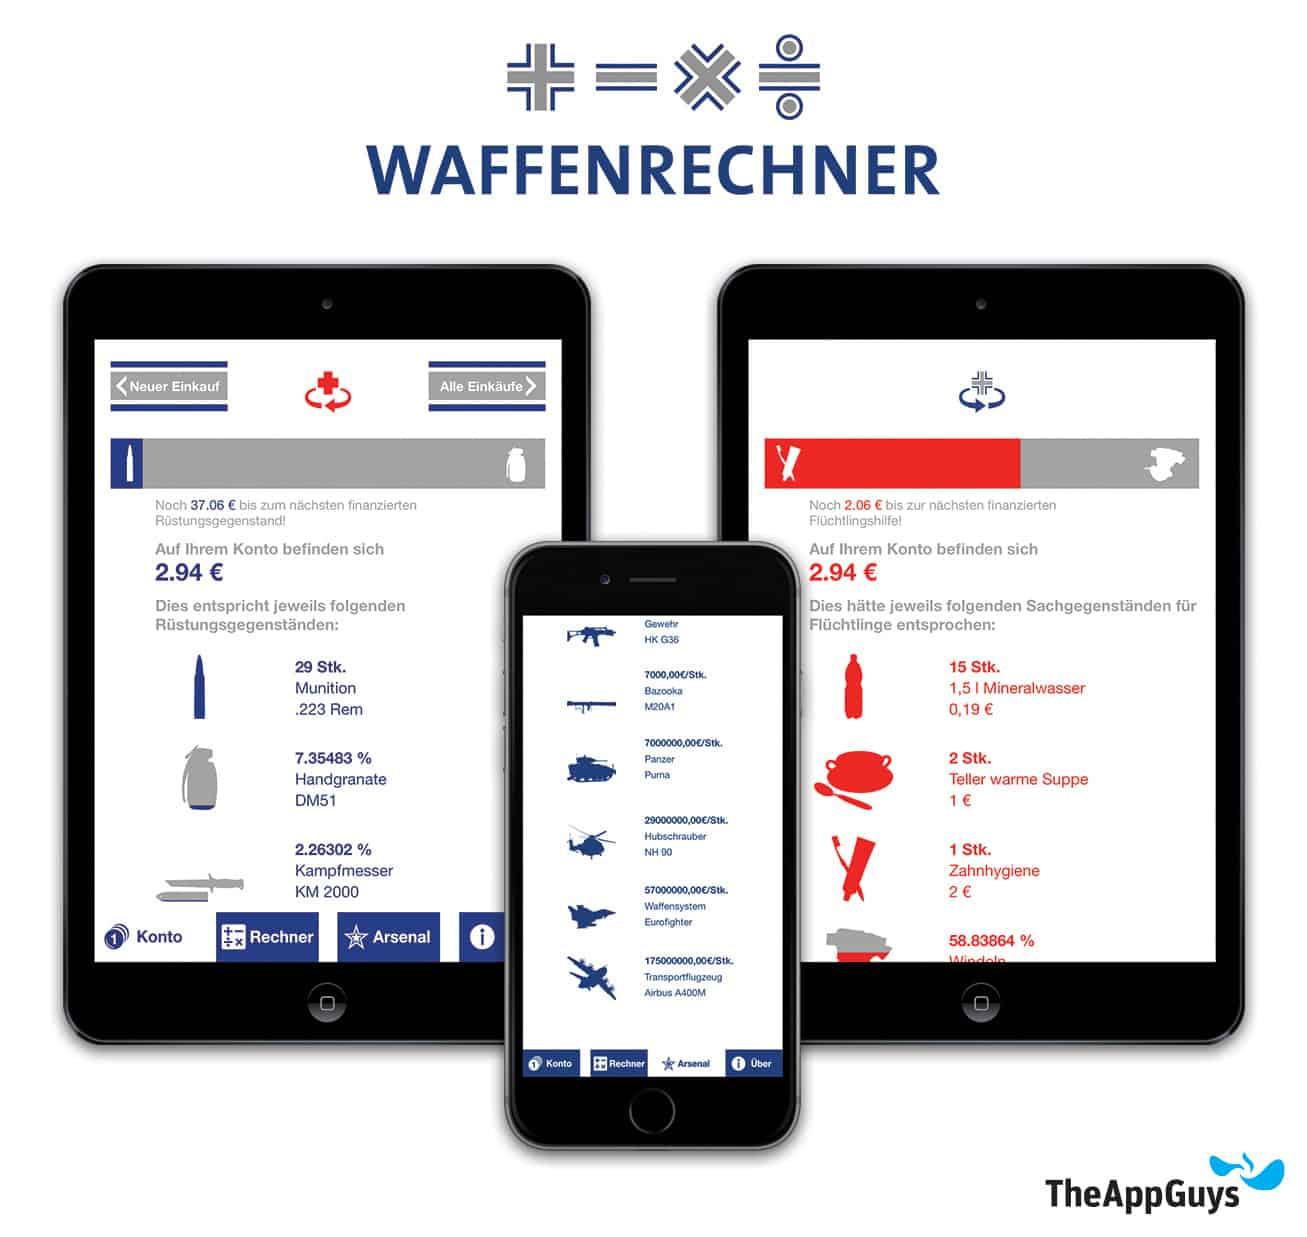 Neues Feature rechnet Rüstungsausgaben in potenzielle Flüchtlingshilfe um Waffenrechner 2.0: jetzt endlich auch fürs iPhone https://itunes.apple.com/de/app/waffenrechner/id808803971?mt=8